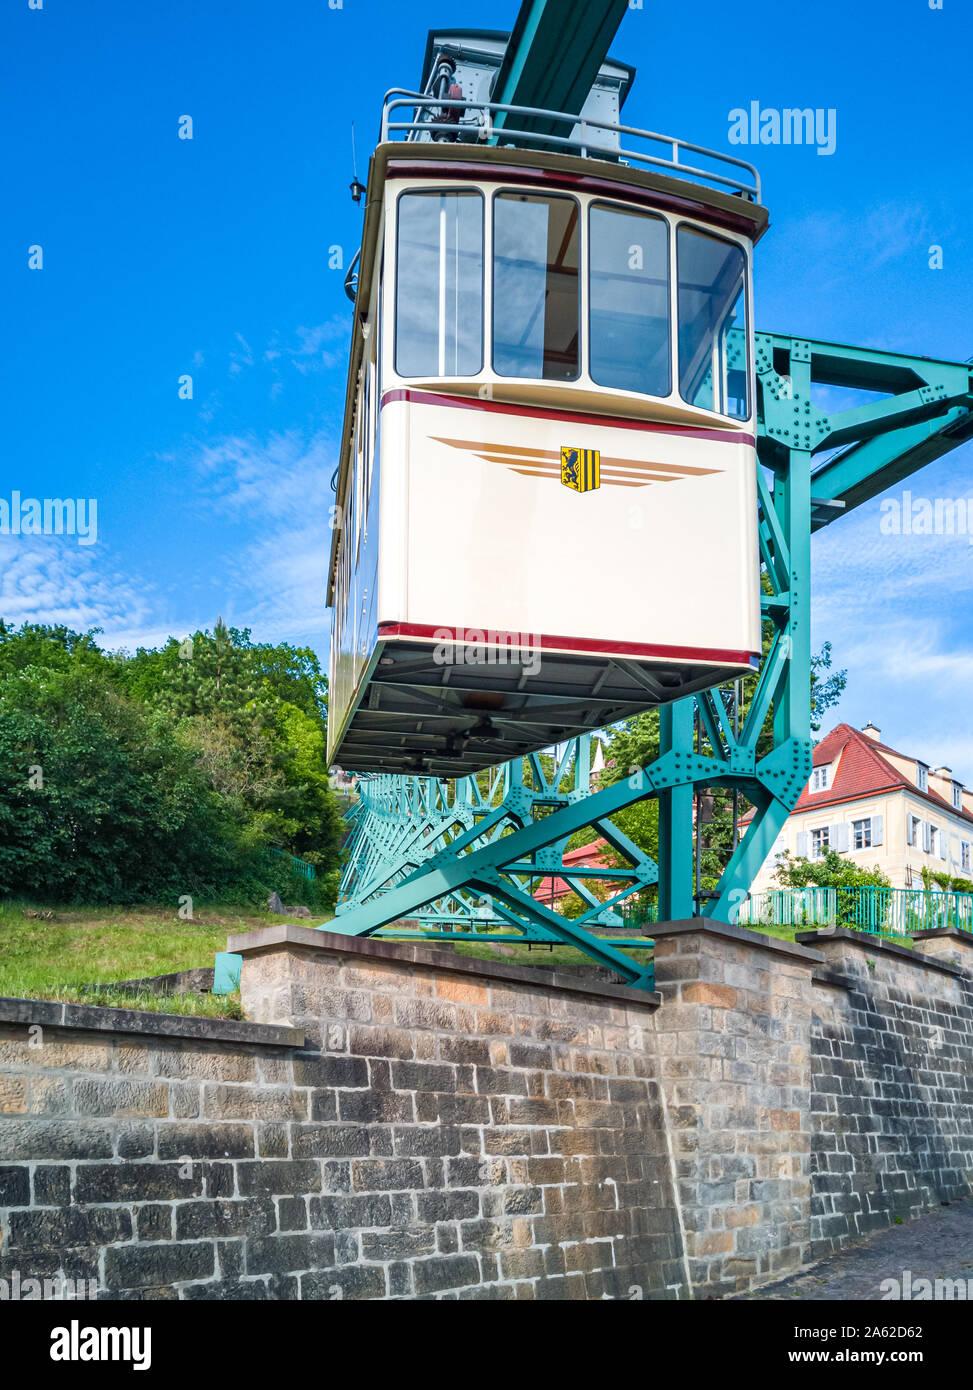 Dresden, Sachsen, Deutschland - 23. Mai 2019: Die Dresdner Schwebebahn fahren bergab im Stadtteil Loschwitz. Stockfoto